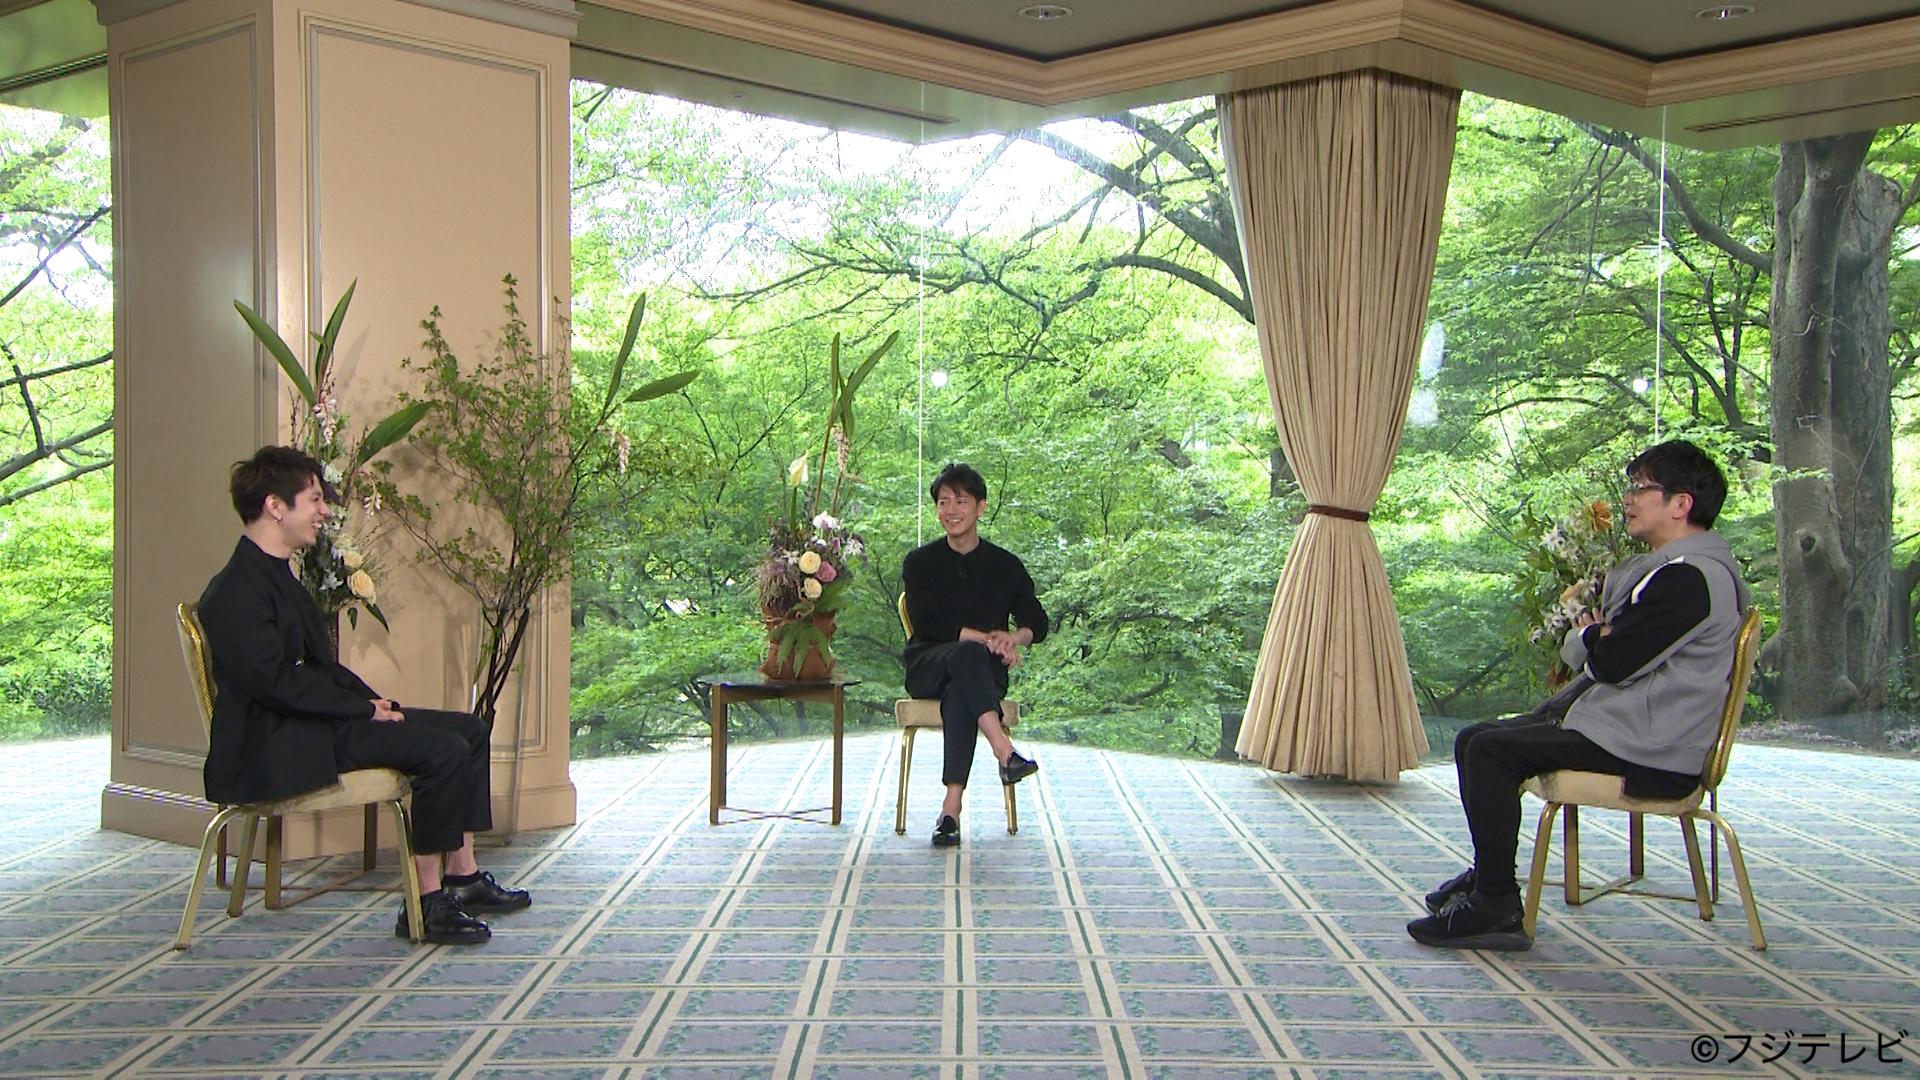 左から、Taka(ONE OK ROCK)、佐藤健、大友啓史監督 『ボクらの時代』より